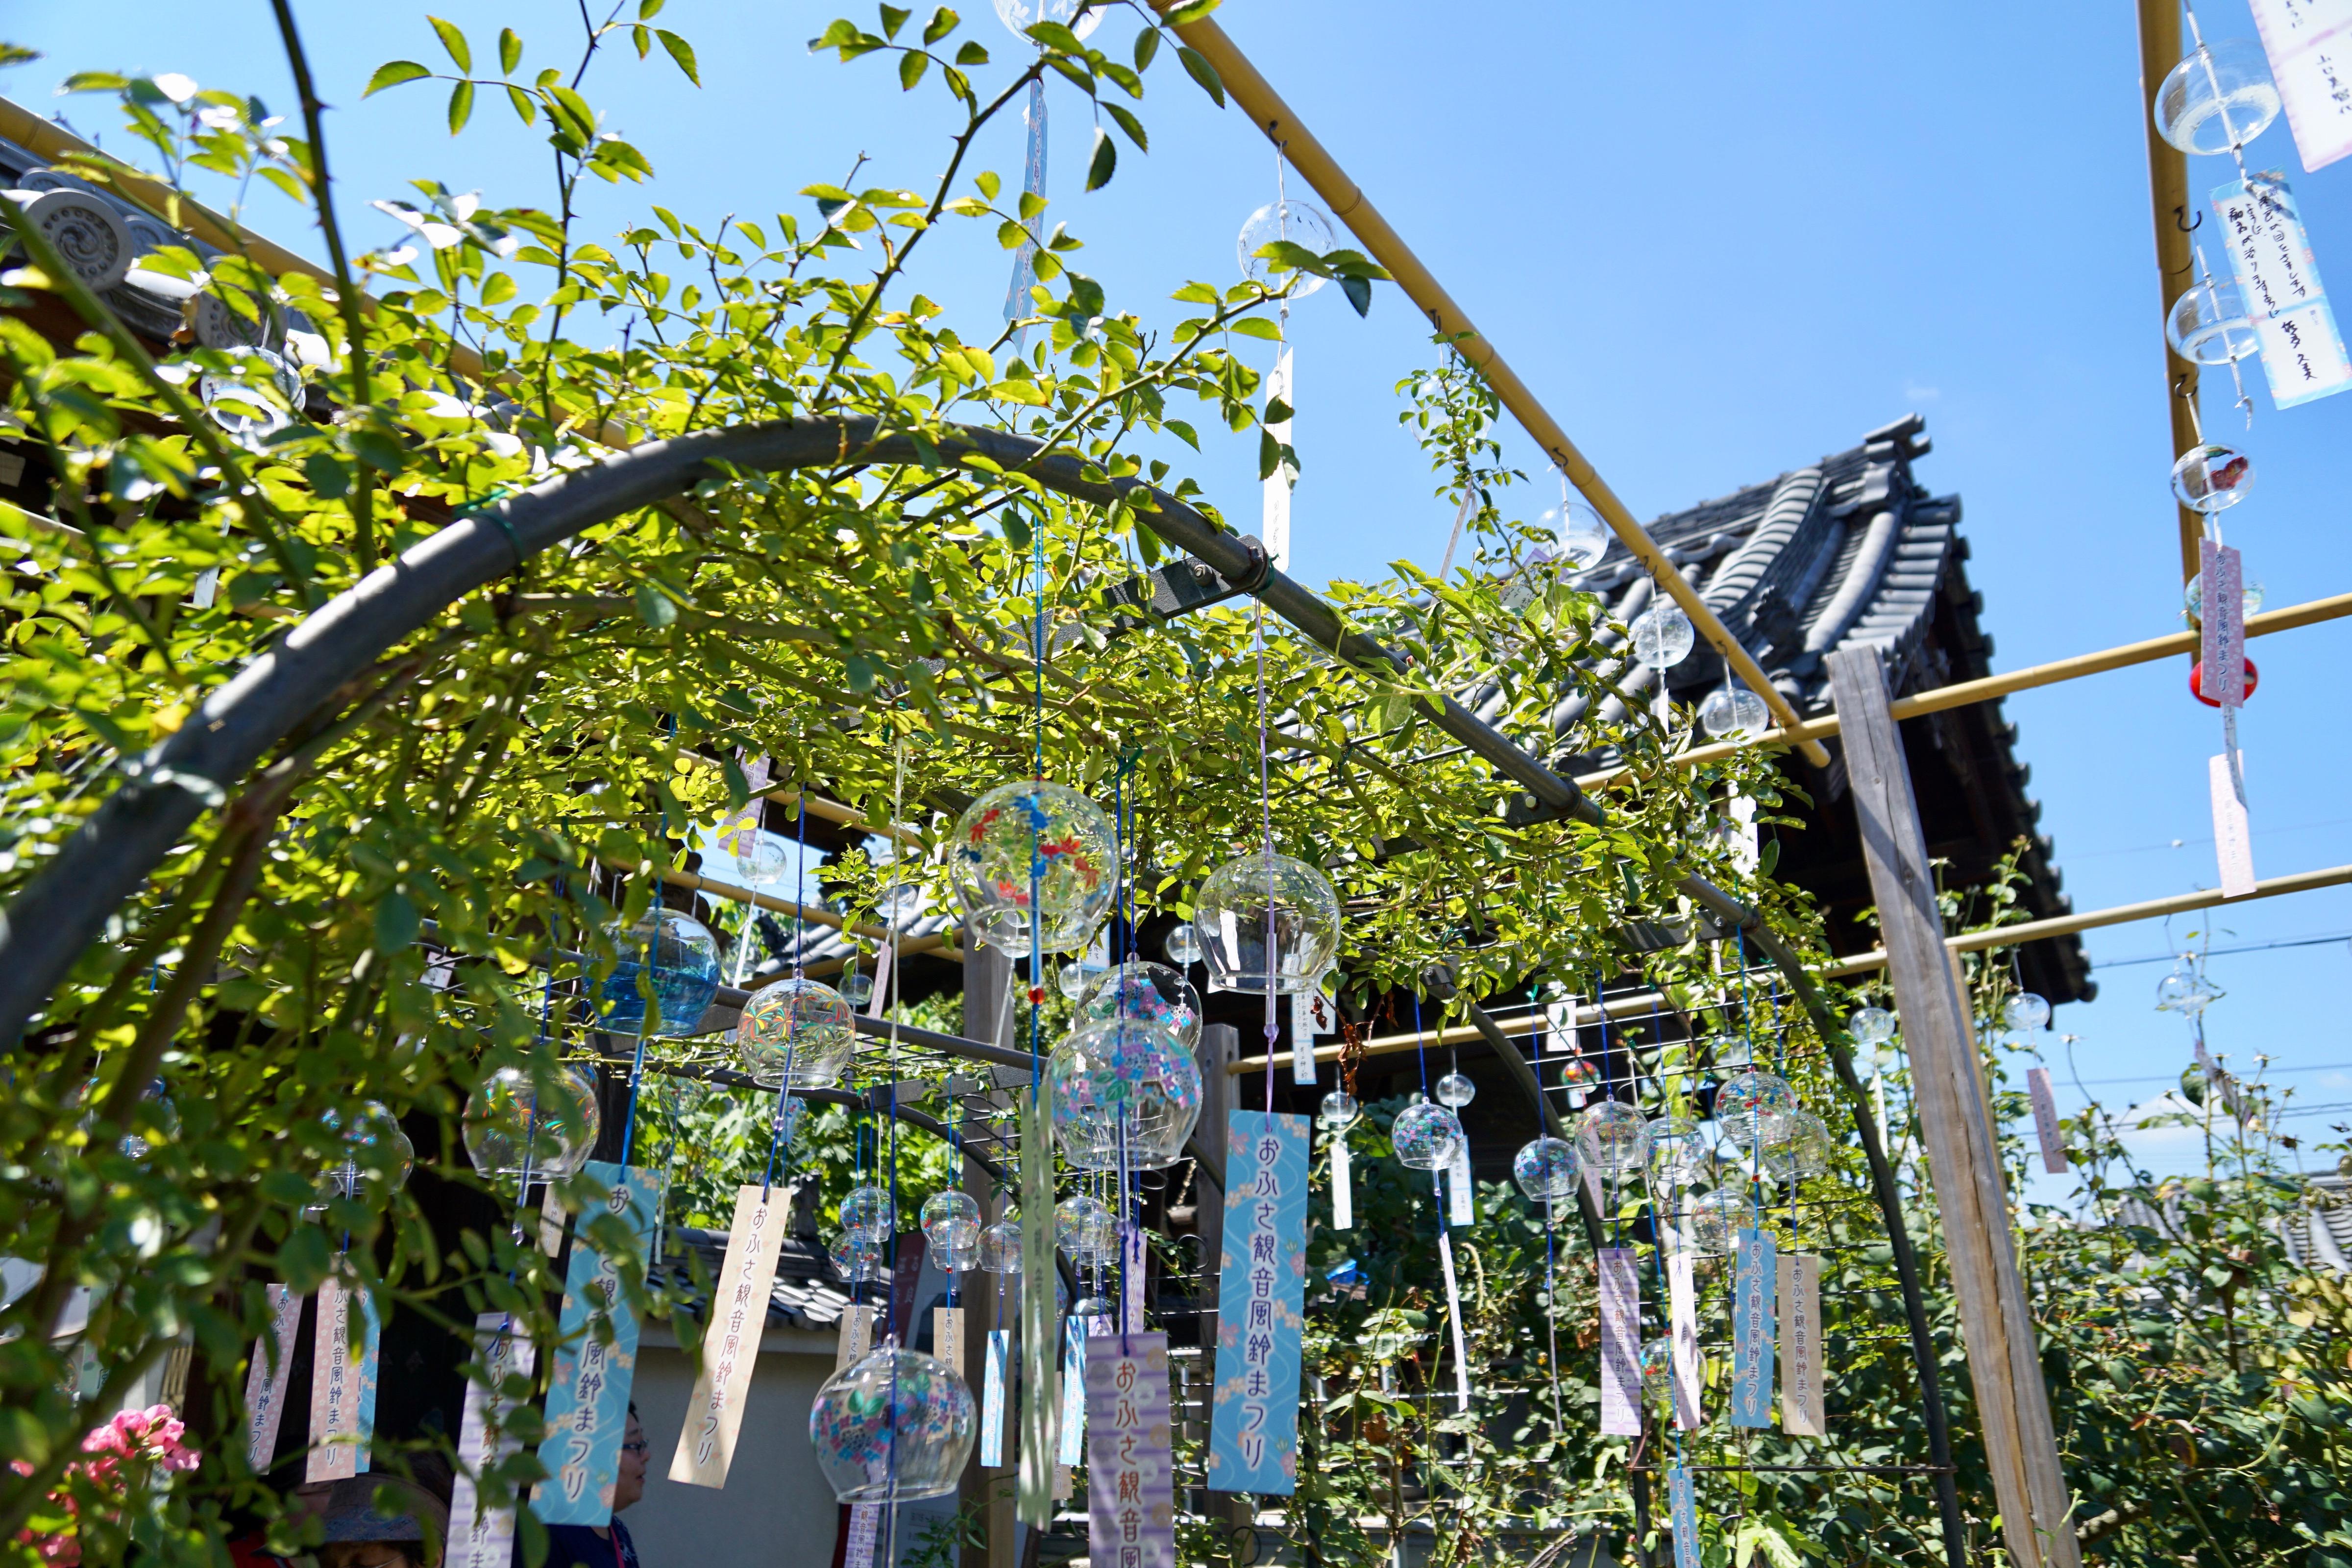 風鈴は寺院にの屋根に吊るされている「風鐸」から始まったと言われています。